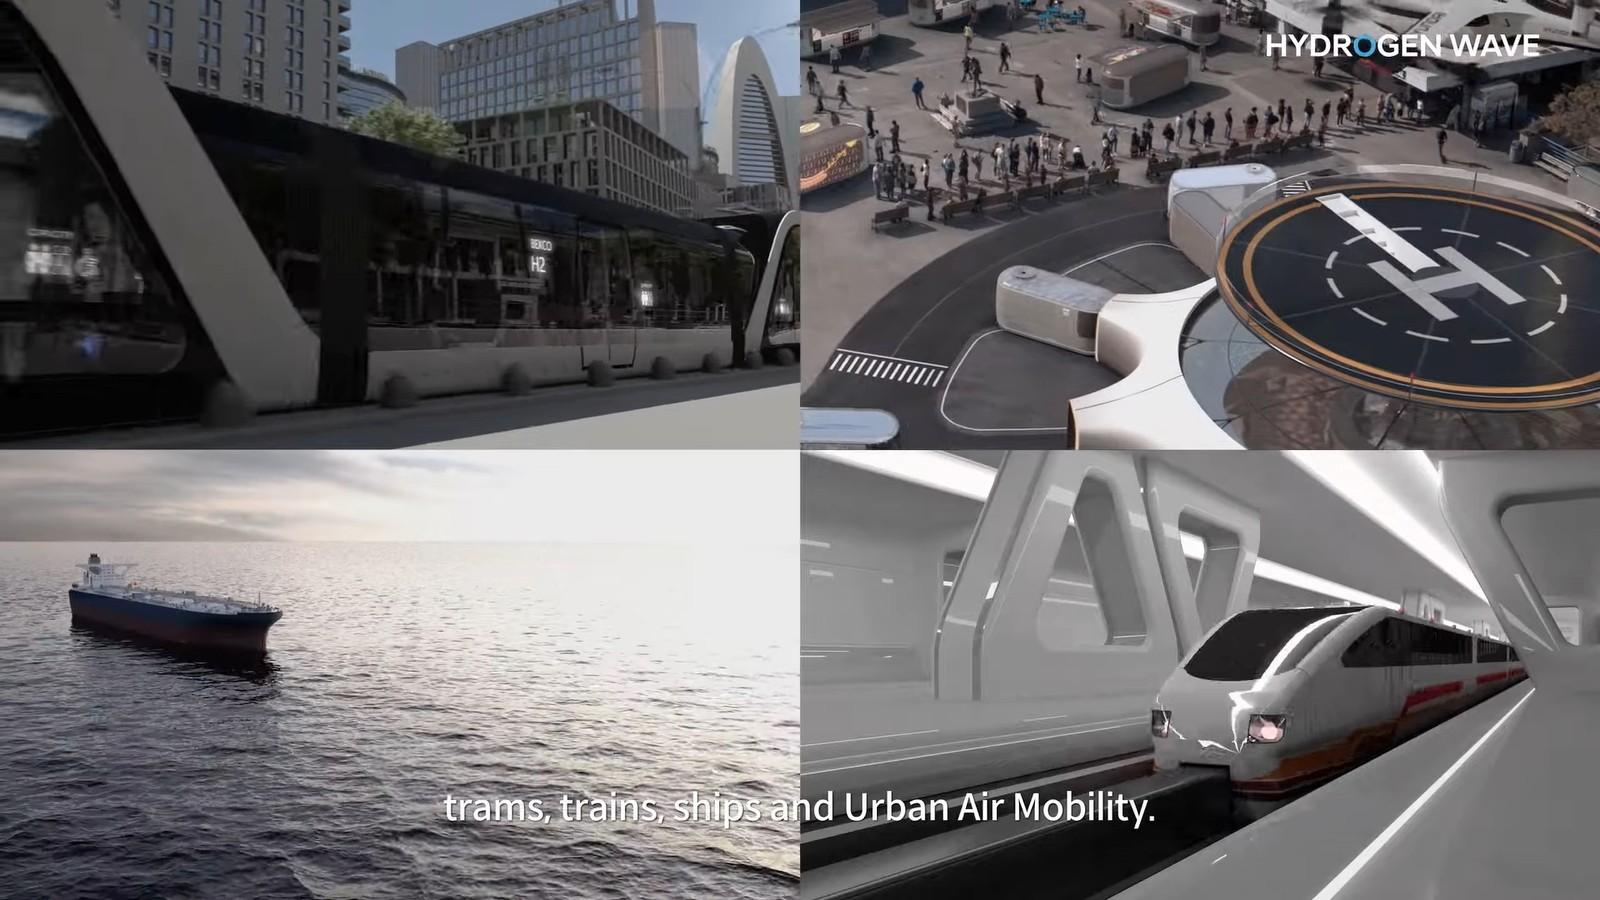 Водородные планы Hyundai: новый Nexo в 2023 году, 680-сильный спорткар и беспилотники